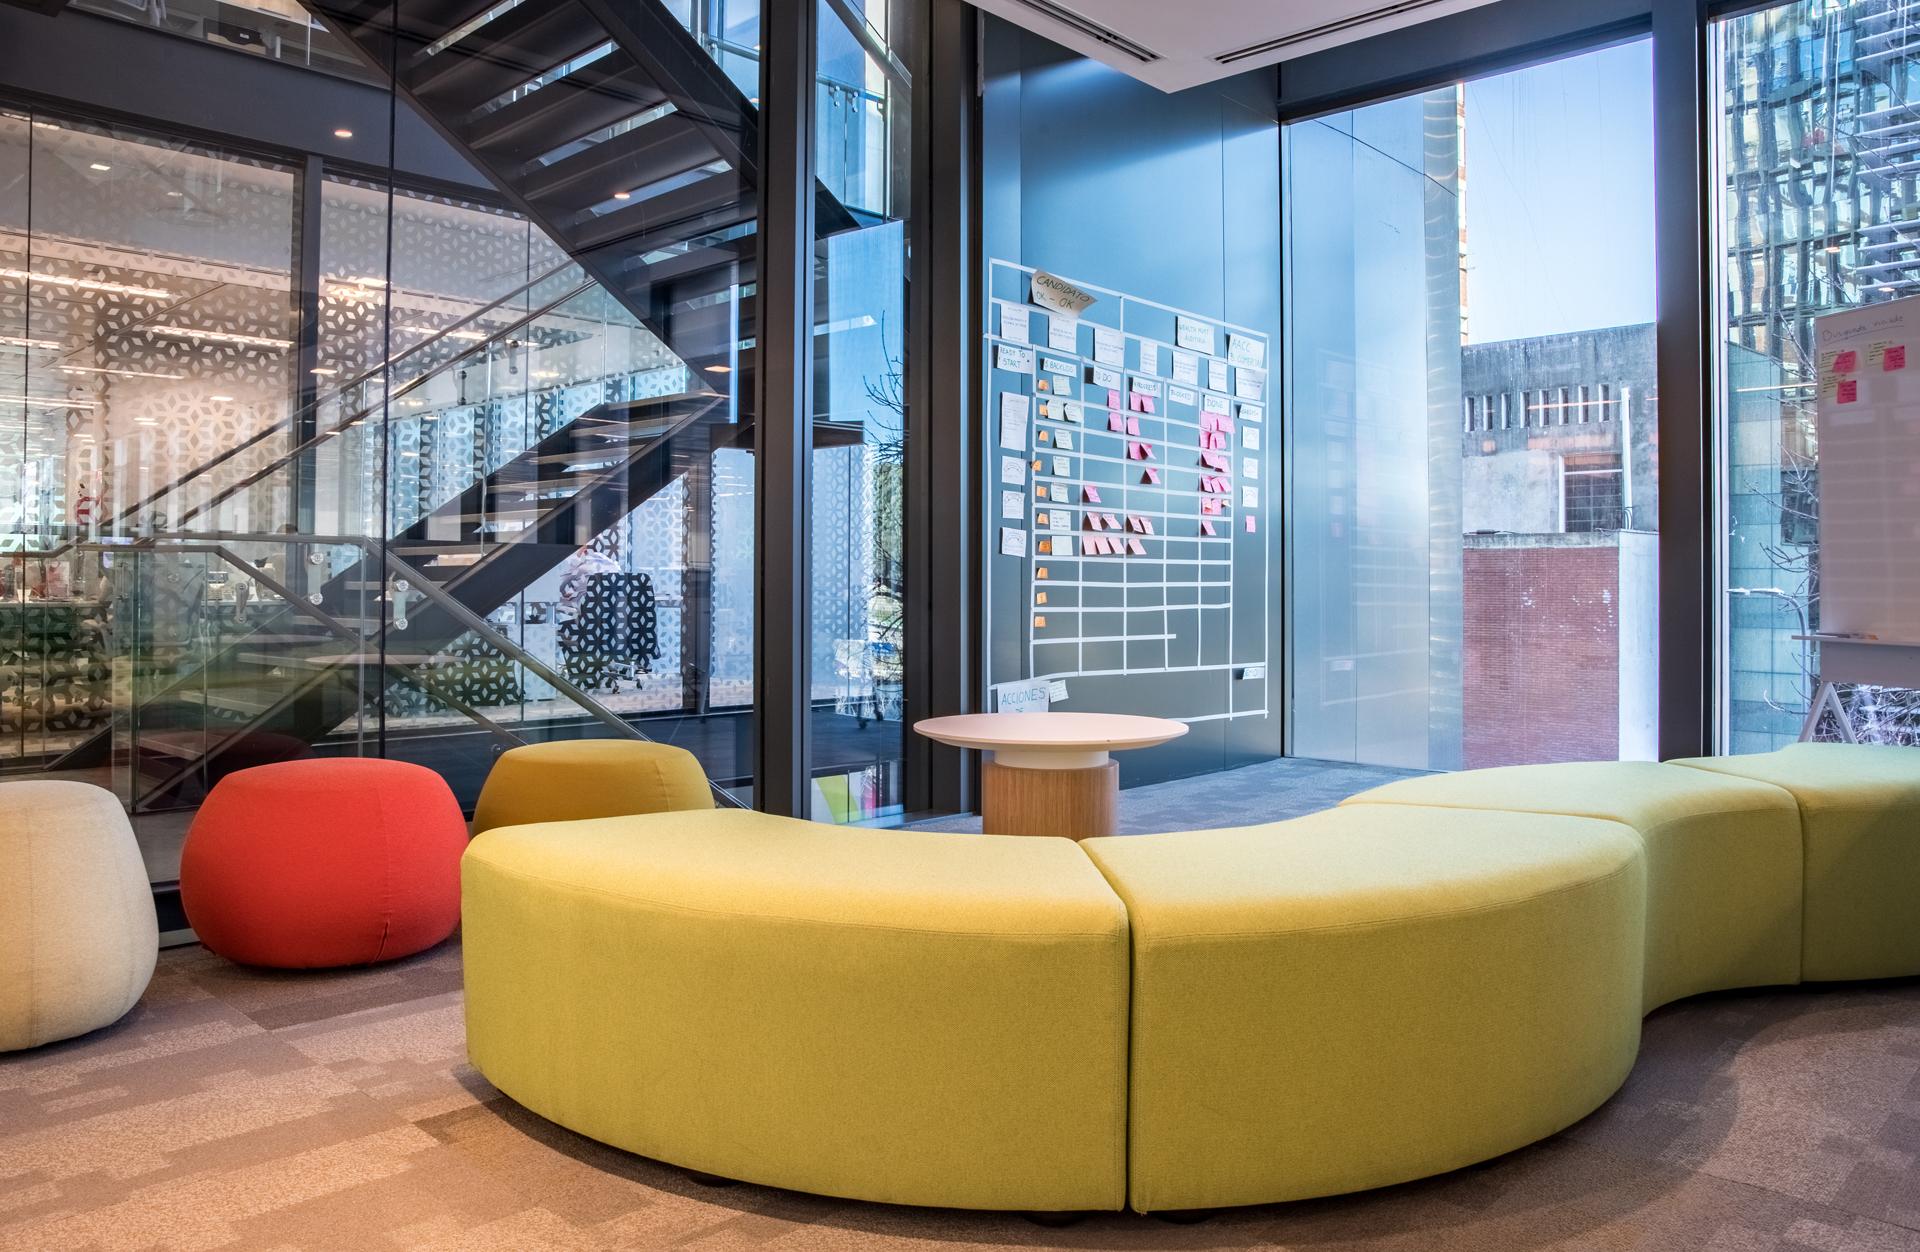 Las áreas de trabajo son flexibles, con una mayor cantidad de espacios colaborativos.